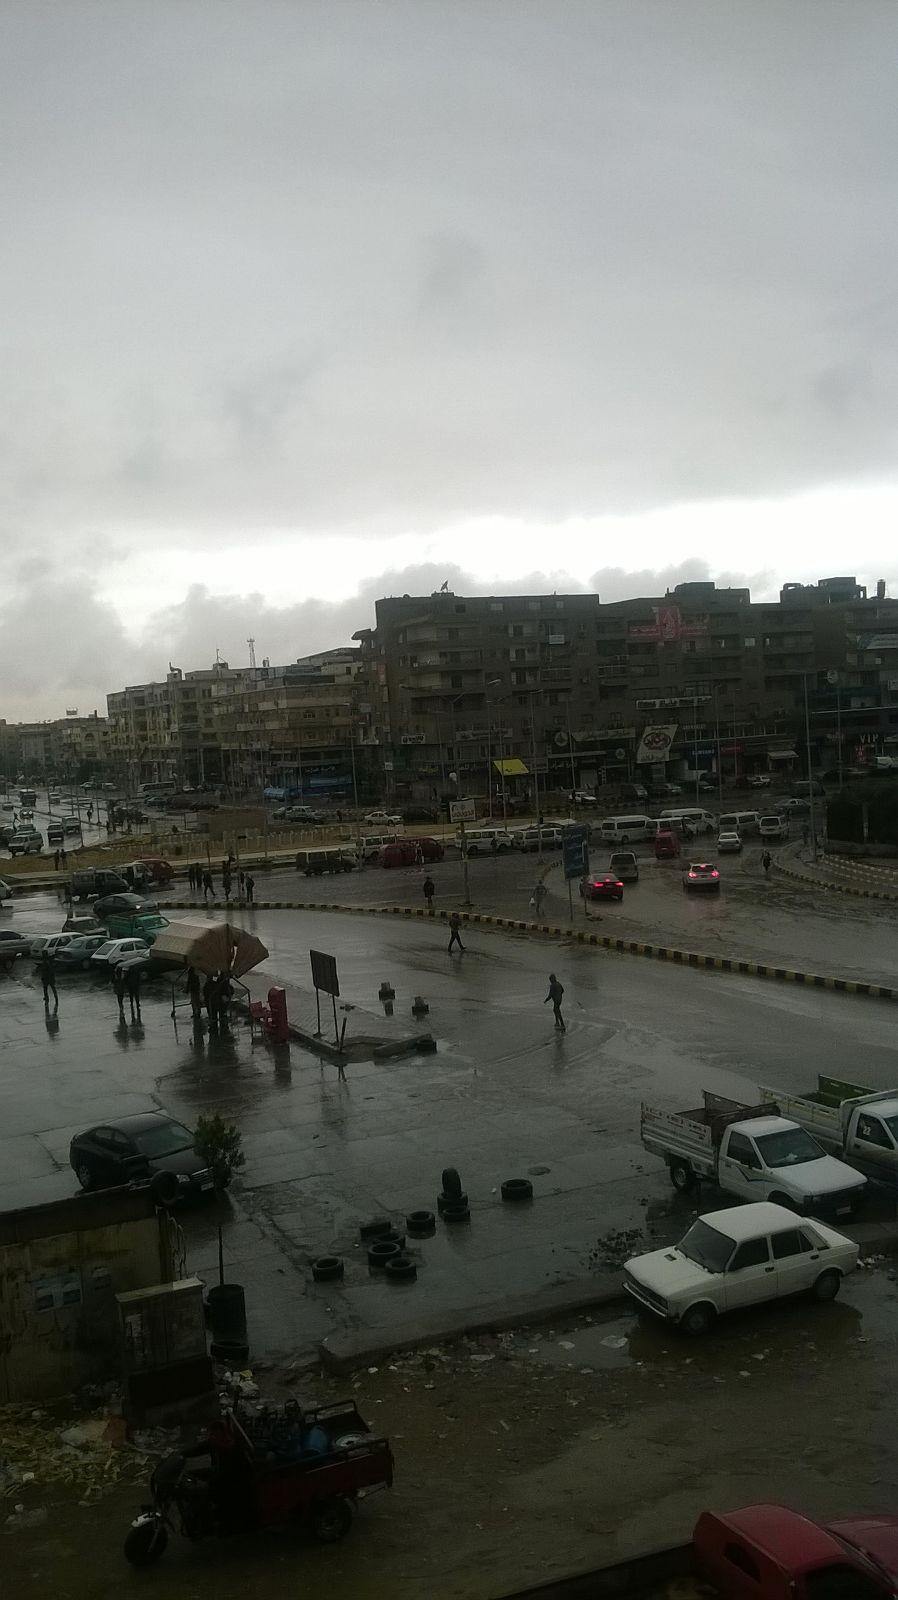 أمطار وأجواء غائمة تغطي مدينة 6 أكتوبر